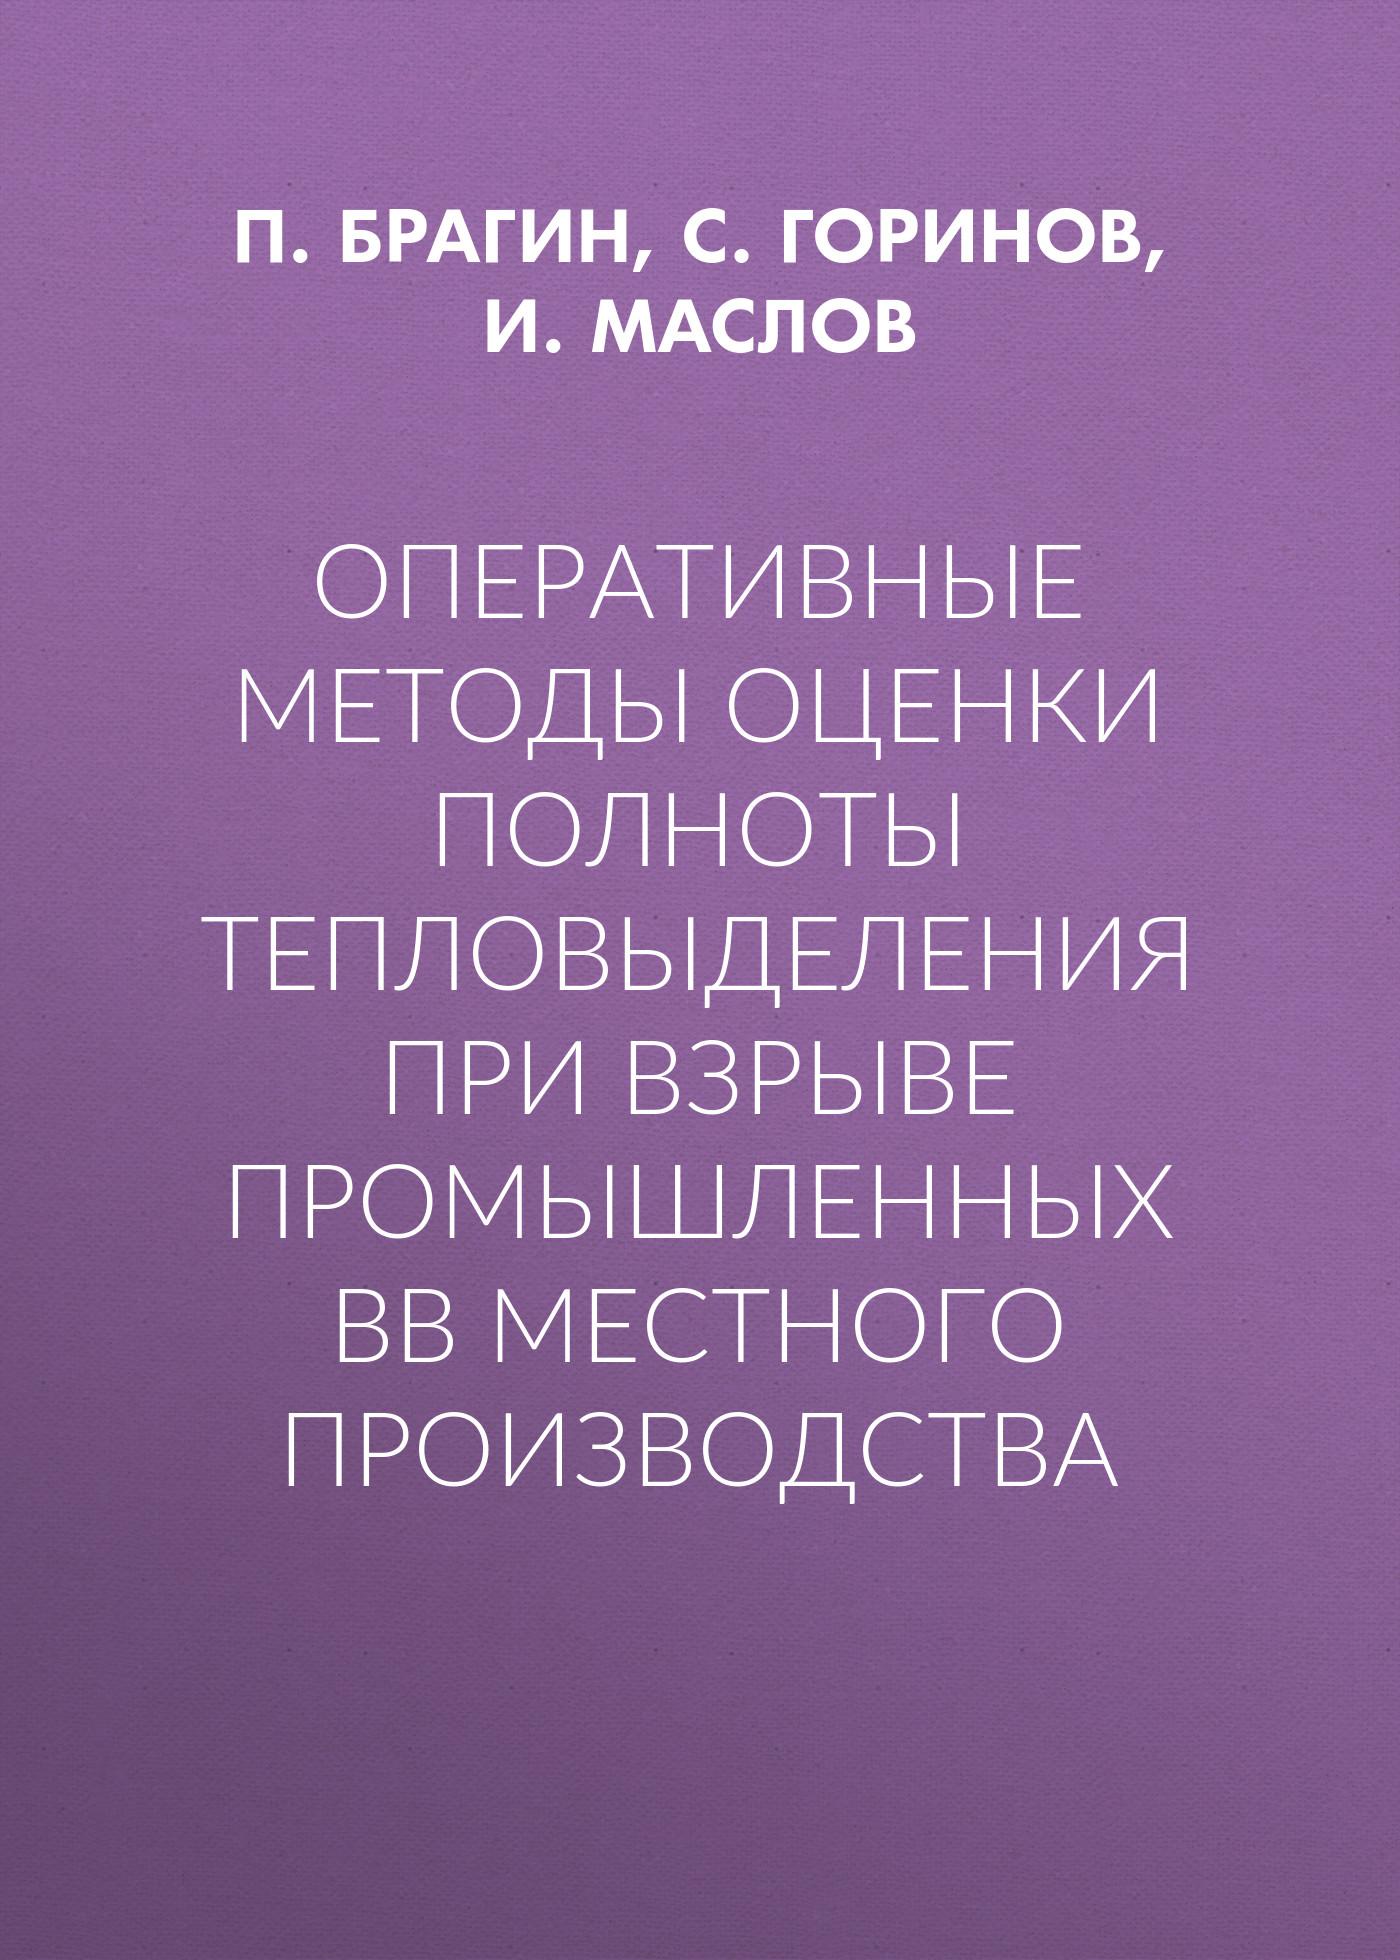 И. Ю. Маслов Оперативные методы оценки полноты тепловыделения при взрыве промышленных ВВ местного производства